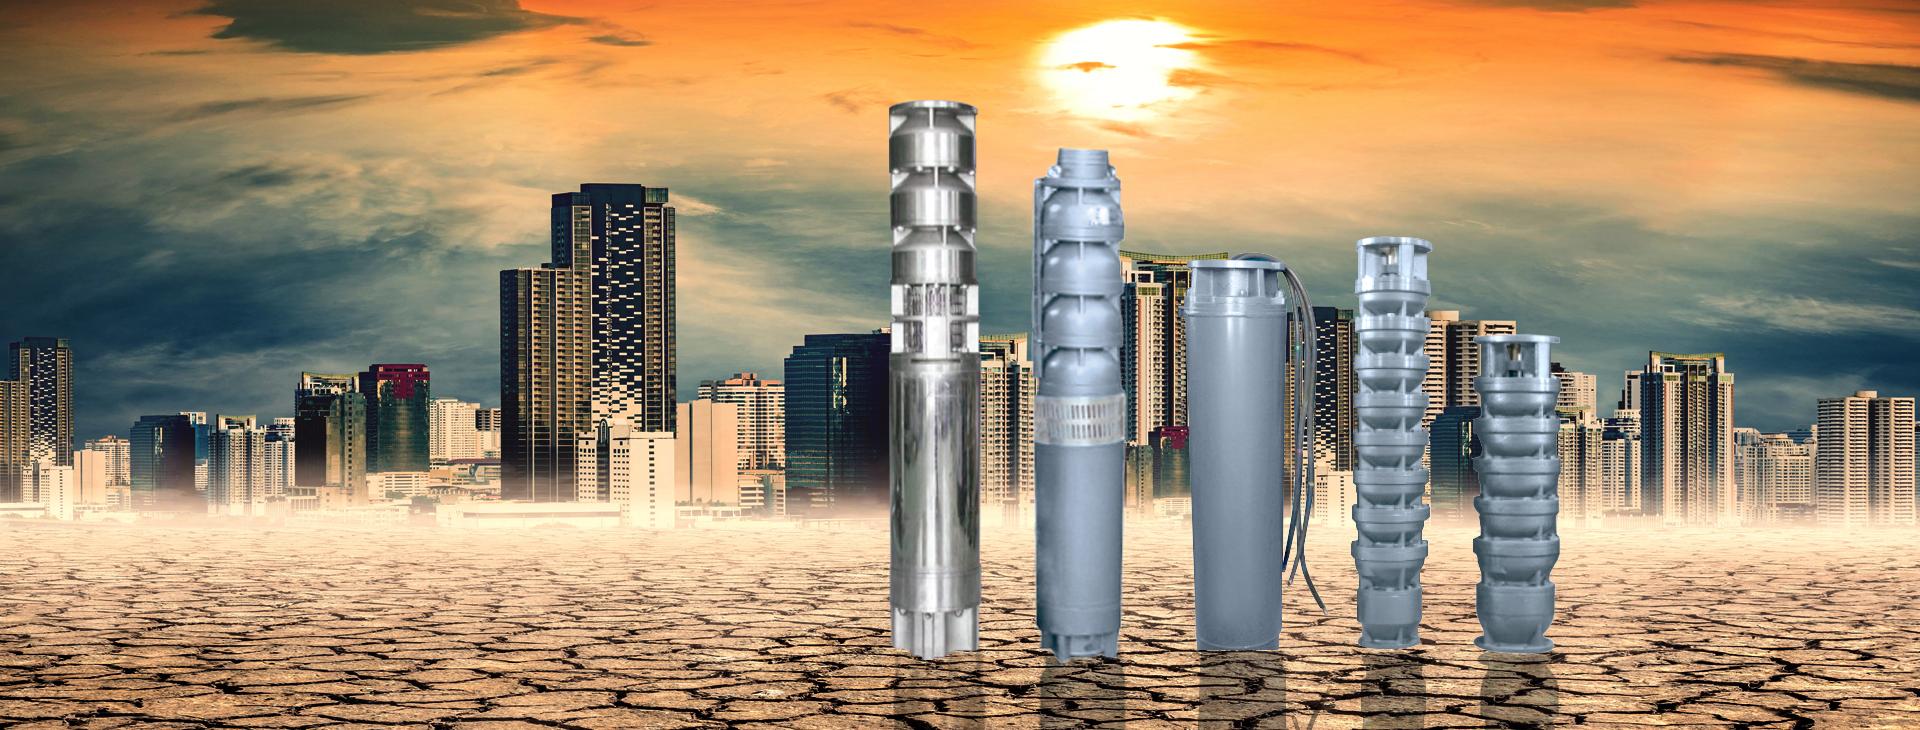 抗老化不锈钢井用潜水泵 潜水泵,天津,现货供应,井用潜水泵,德能泵业